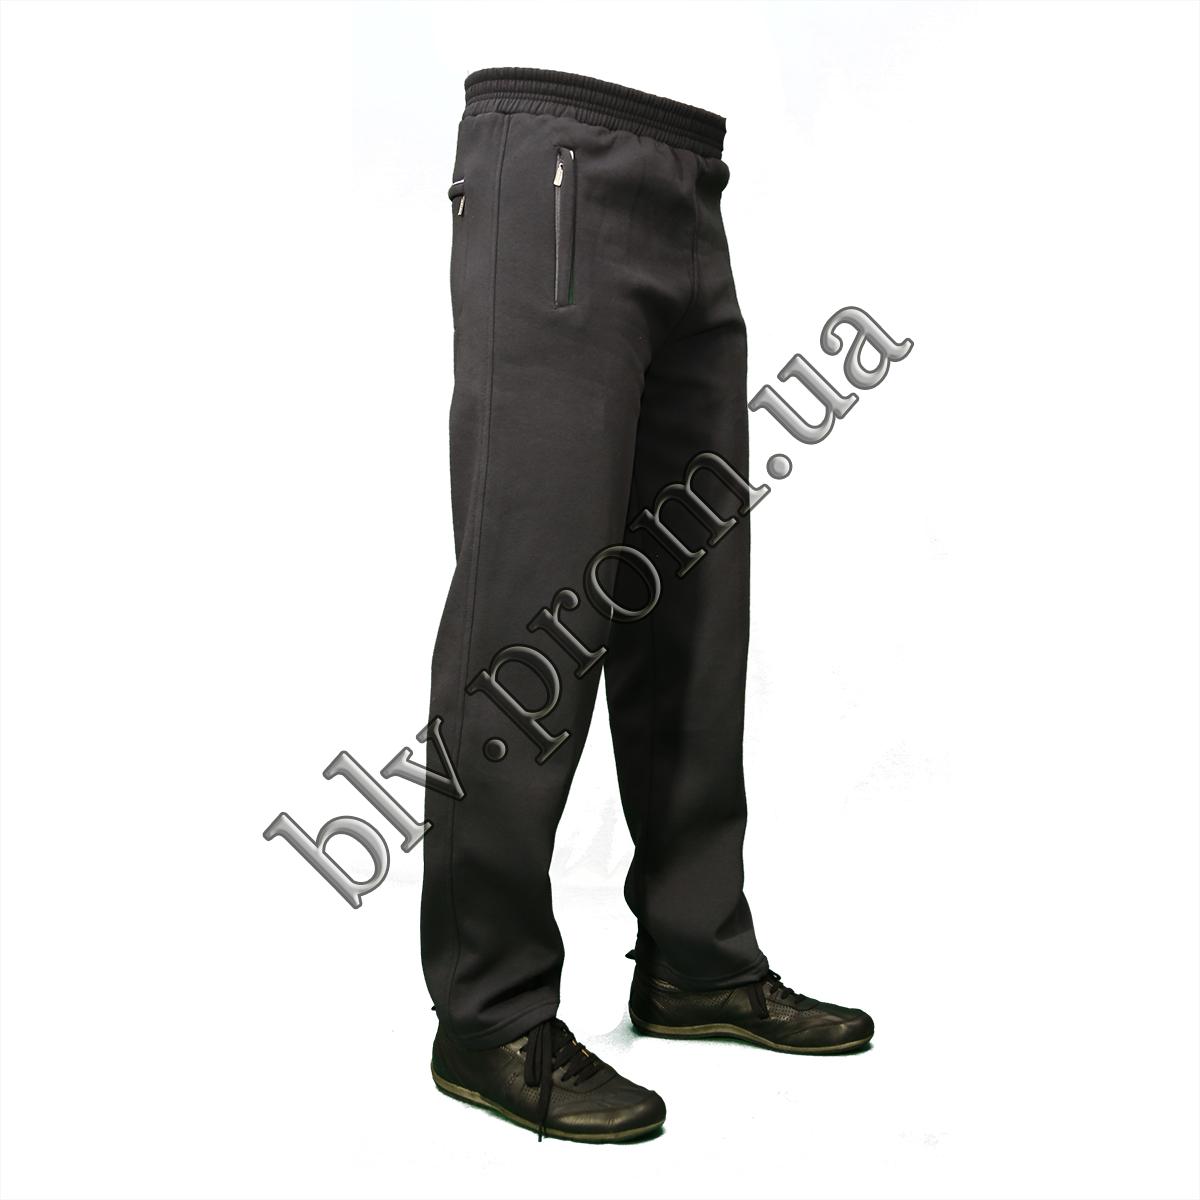 Теплые мужские брюки байкапр-во Турция KD877 Antra